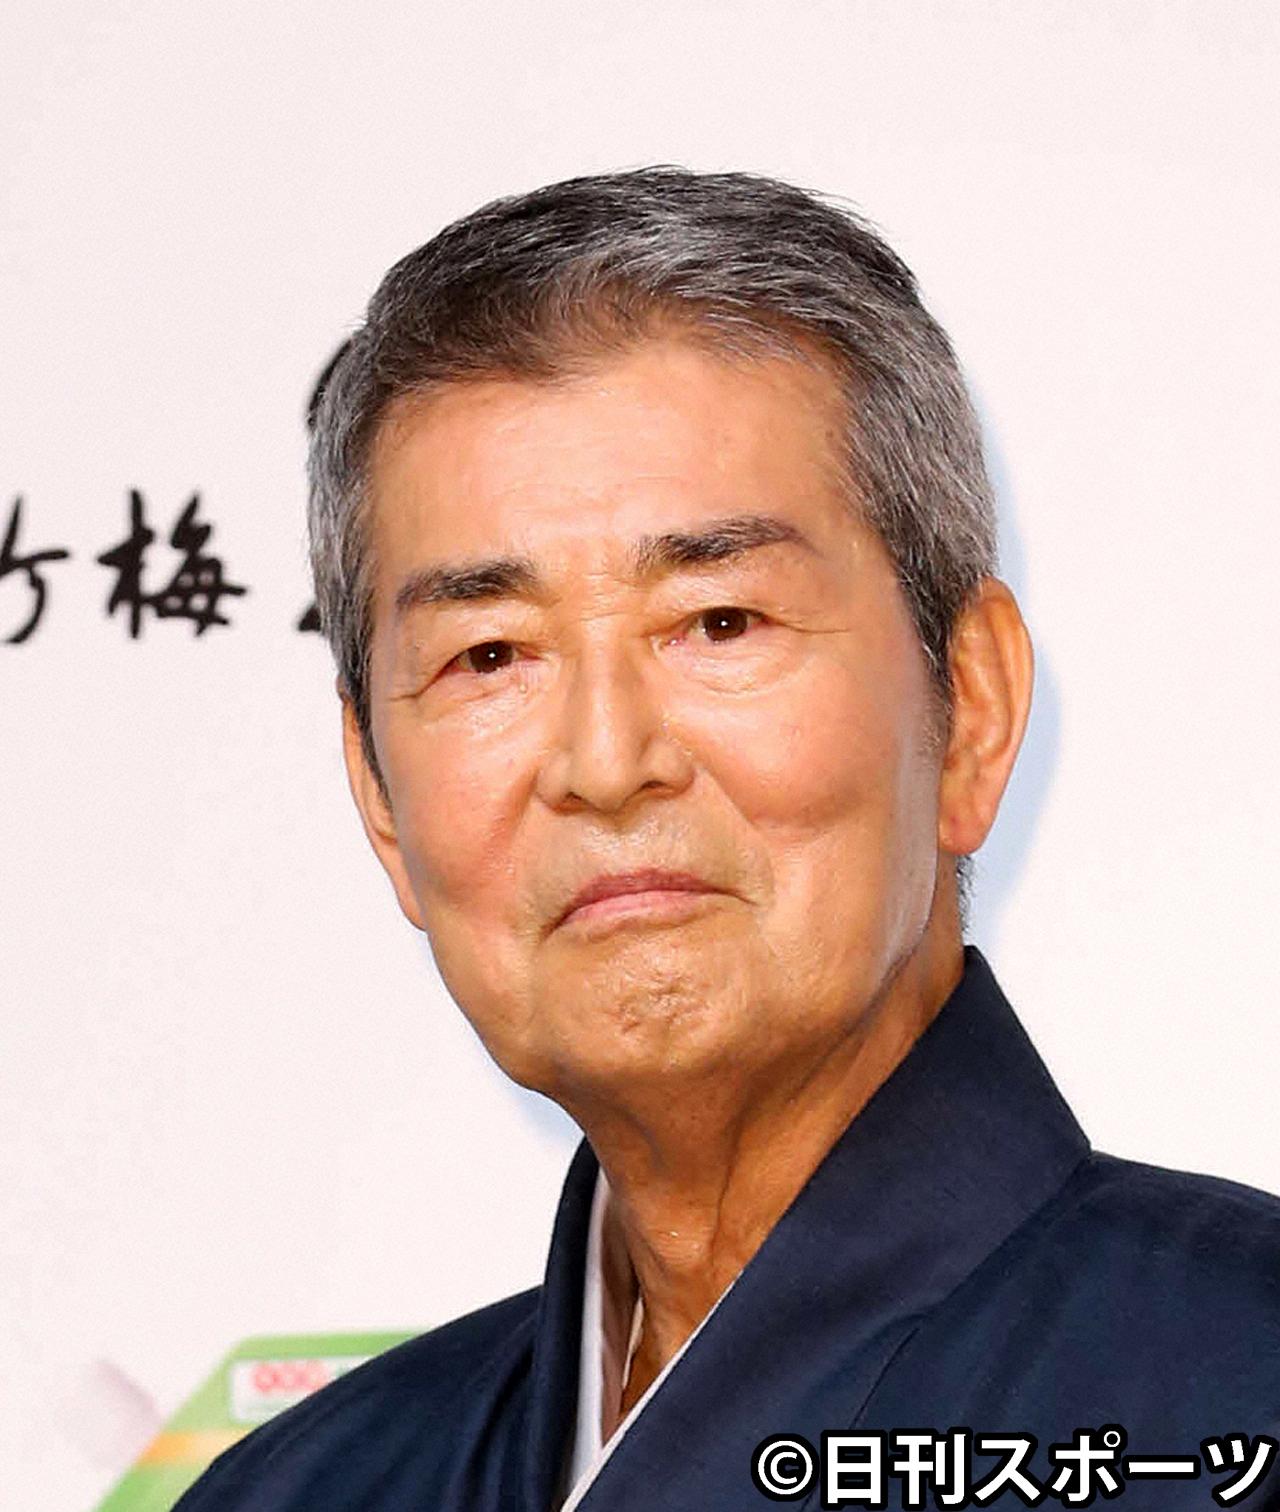 渡哲也さん(14年撮影)